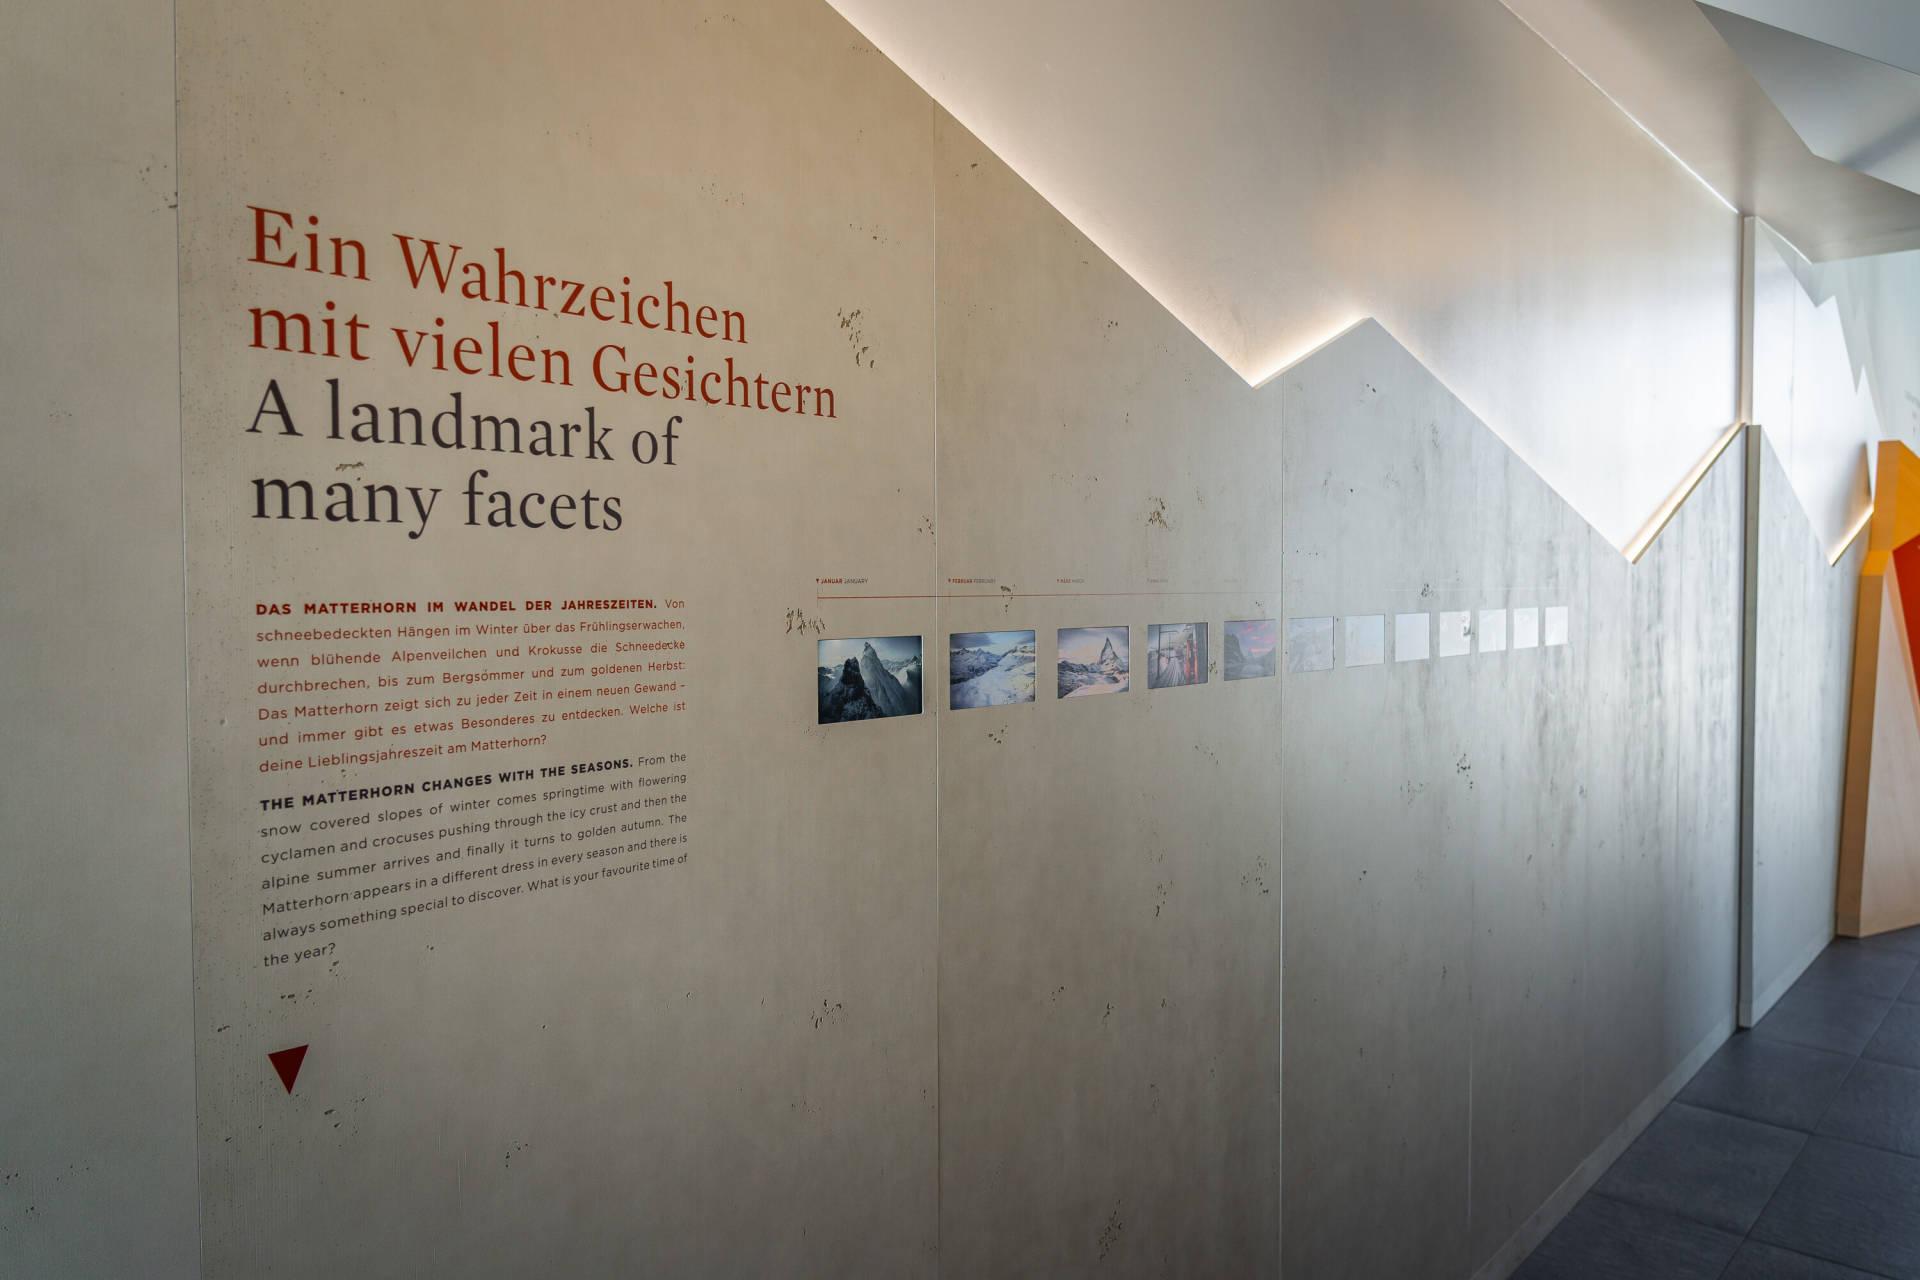 Das Matterhorn im Wandel der Jahreszeiten - Zooom the Matterhorn, Erlebniswelt am Gornergrat, Zermatt